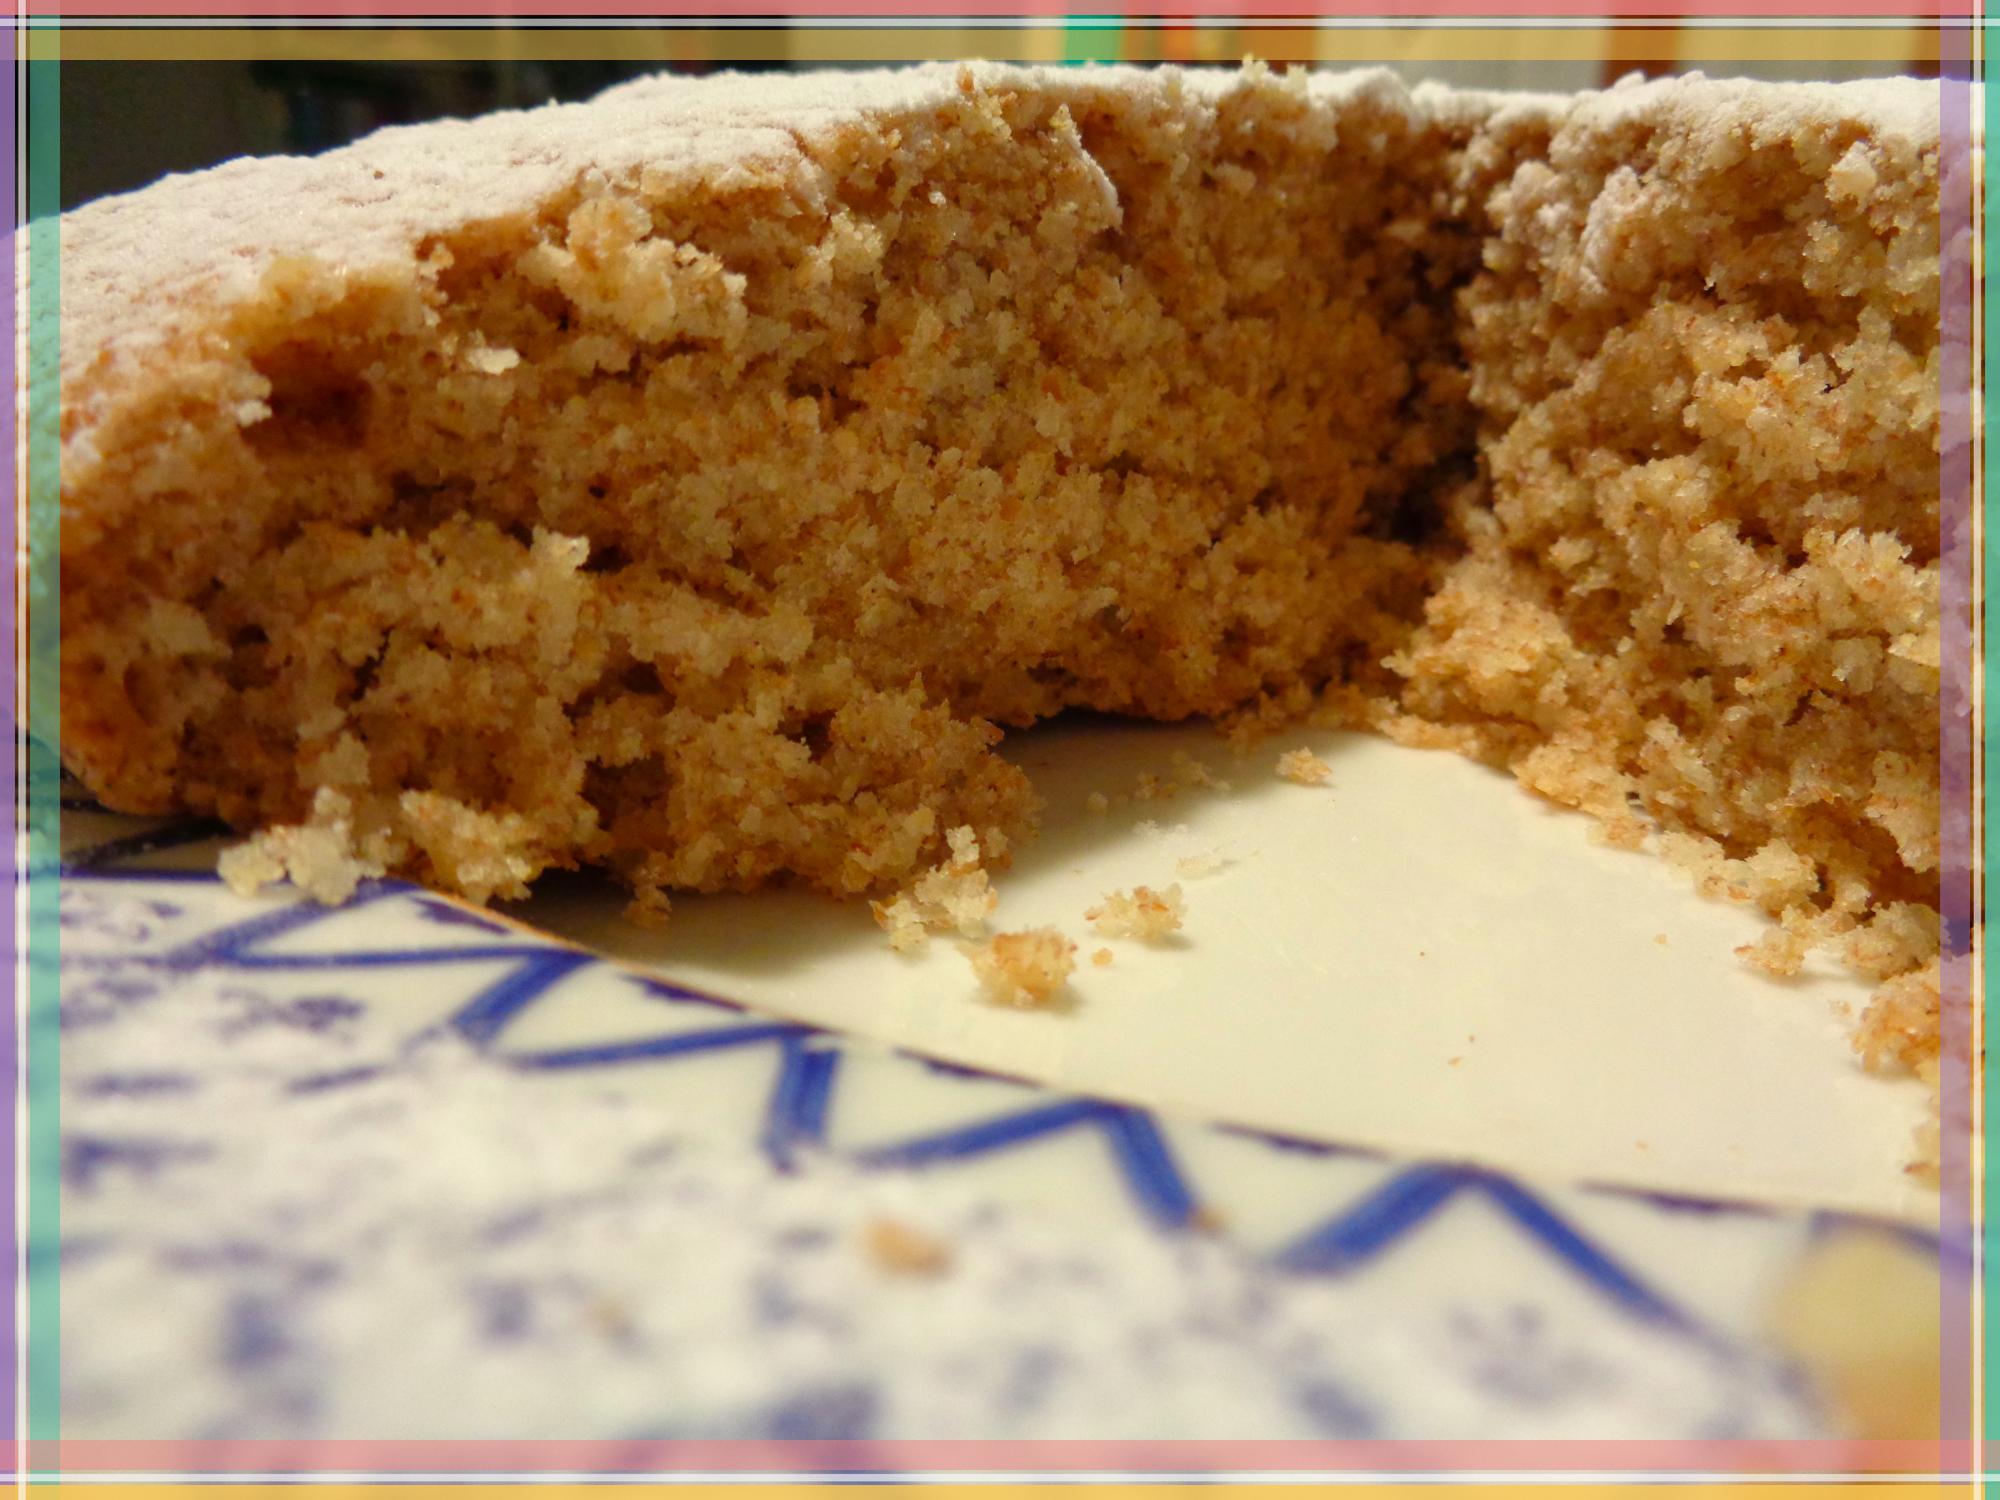 Torta al cocco con farina integrale